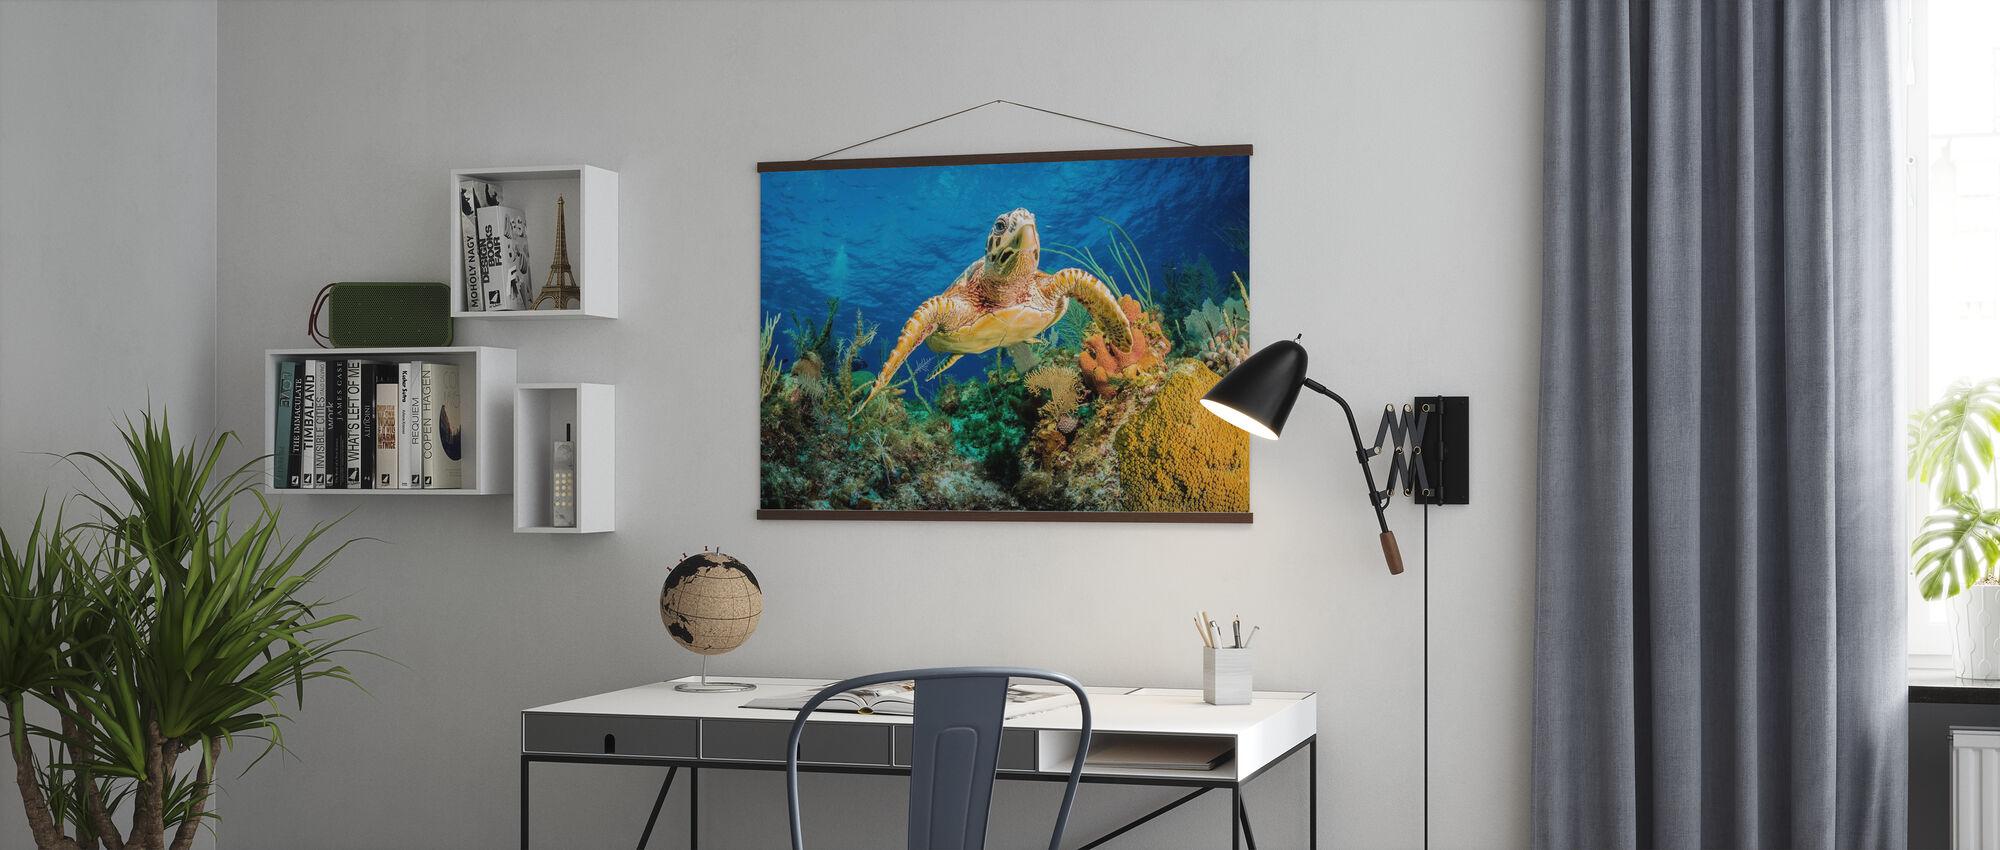 Hawksbill schildpad zwemmen - Poster - Kantoor